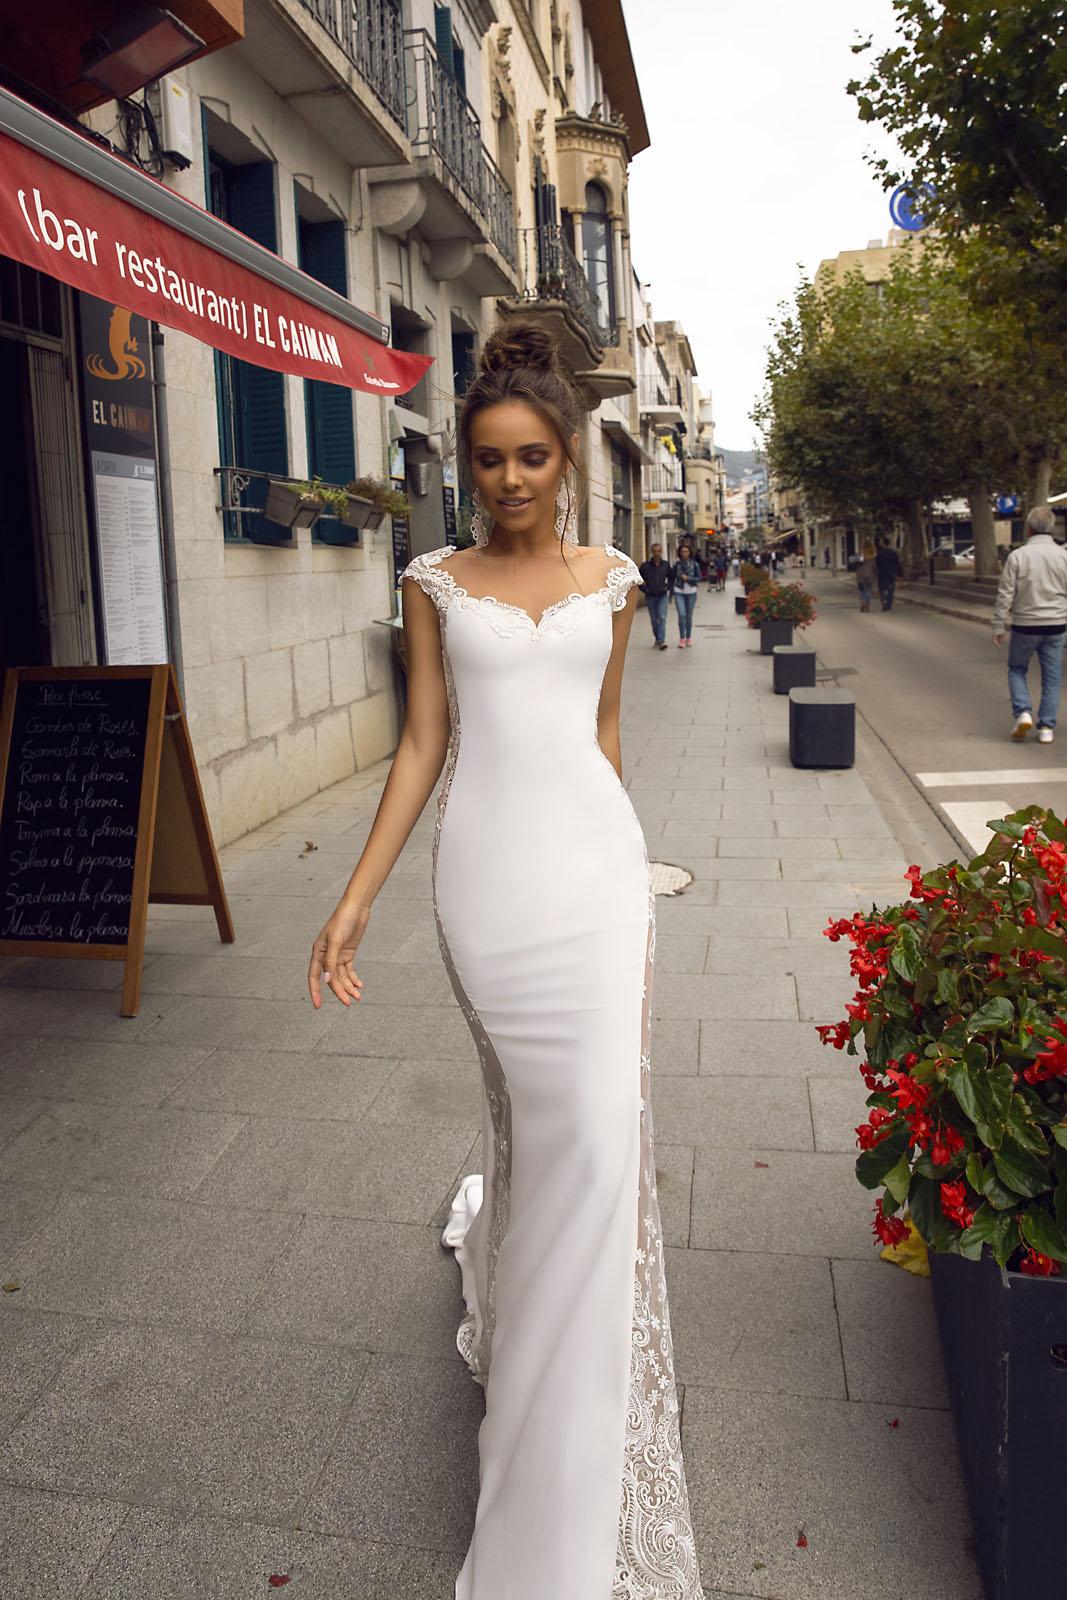 ALEXIA-Passion by Tina-Tina Valerdi - Kolekcja 2020